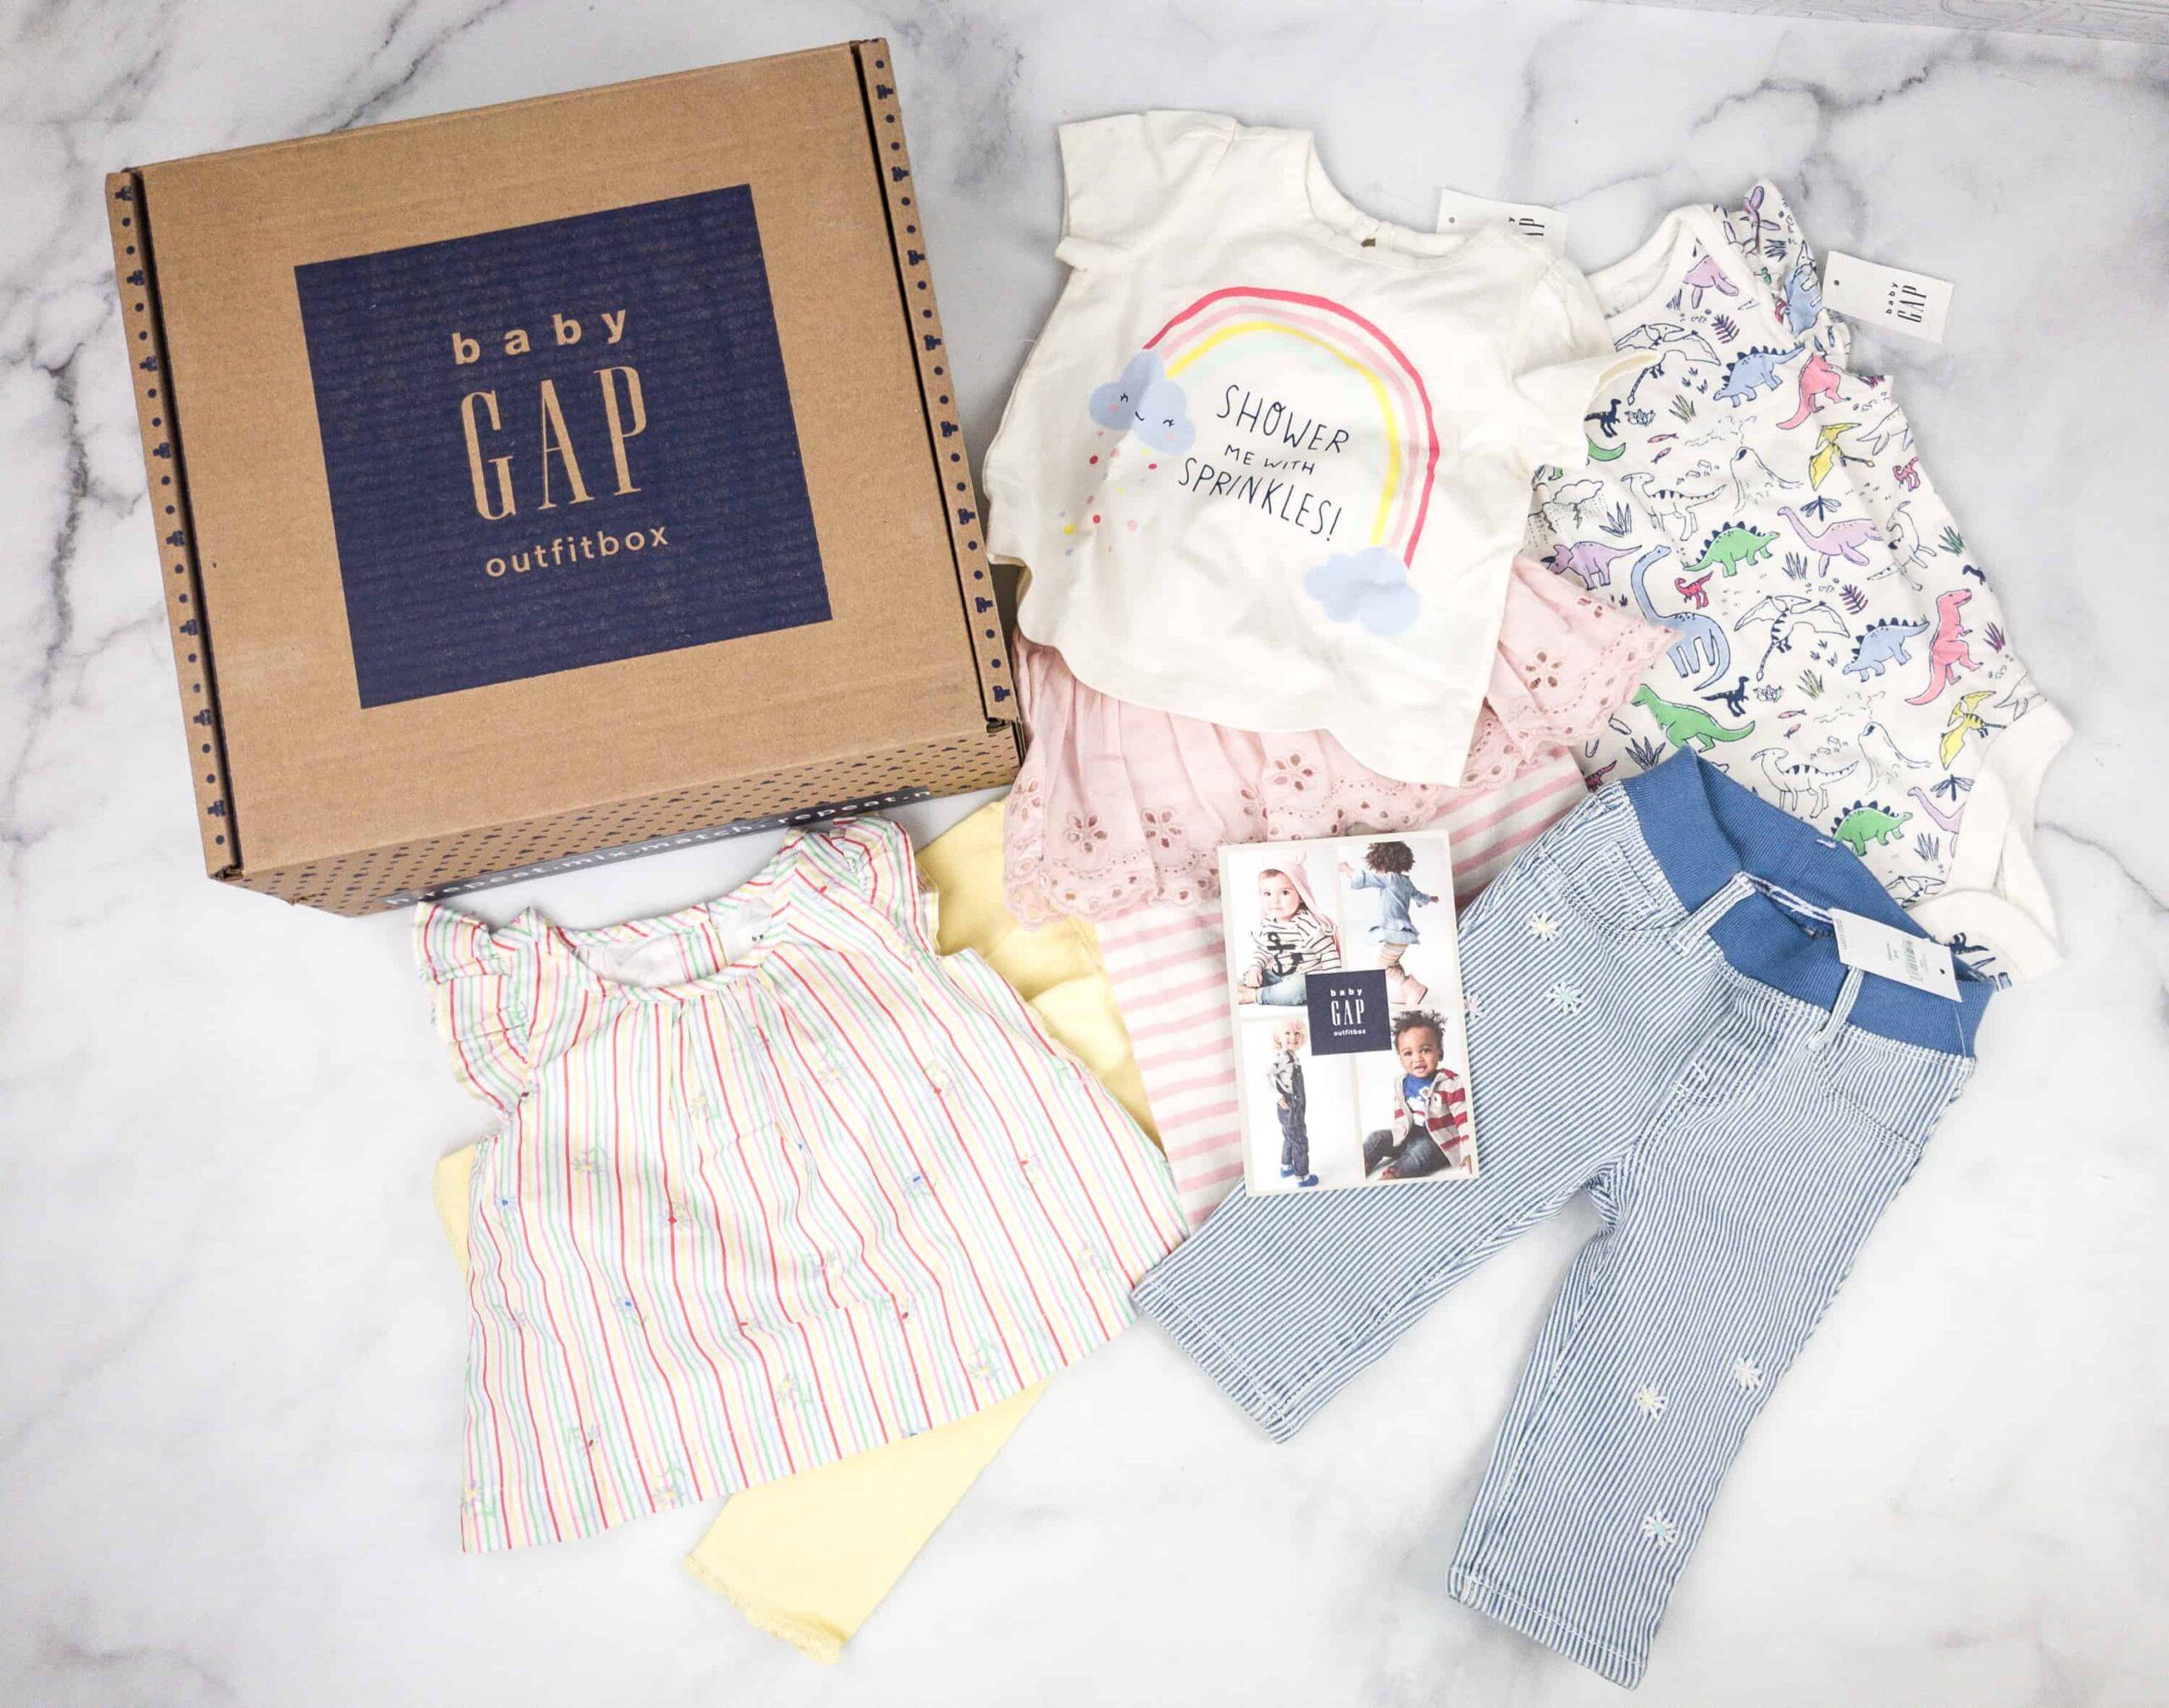 Nhập quần áo thời trang GAP kinh doanh sẽ có thể mang lại lợi nhuận cao